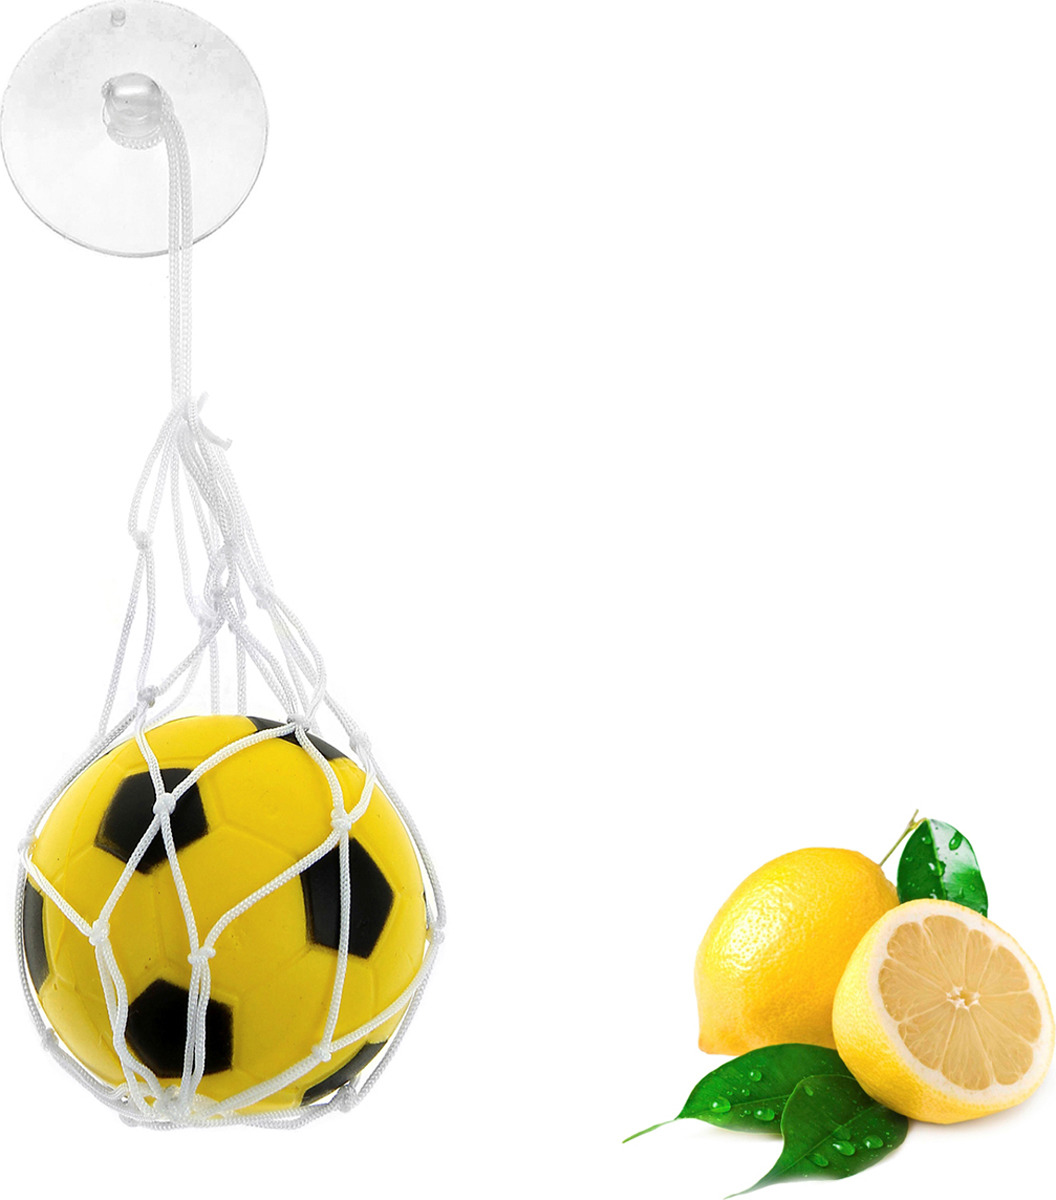 Ароматизатор автомобильный Luazon Футбольный мяч, лимон, под сиденье, 805472, желтый гирлянда luazon метраж футбольный мяч 5m ed 20 220v white 2433914